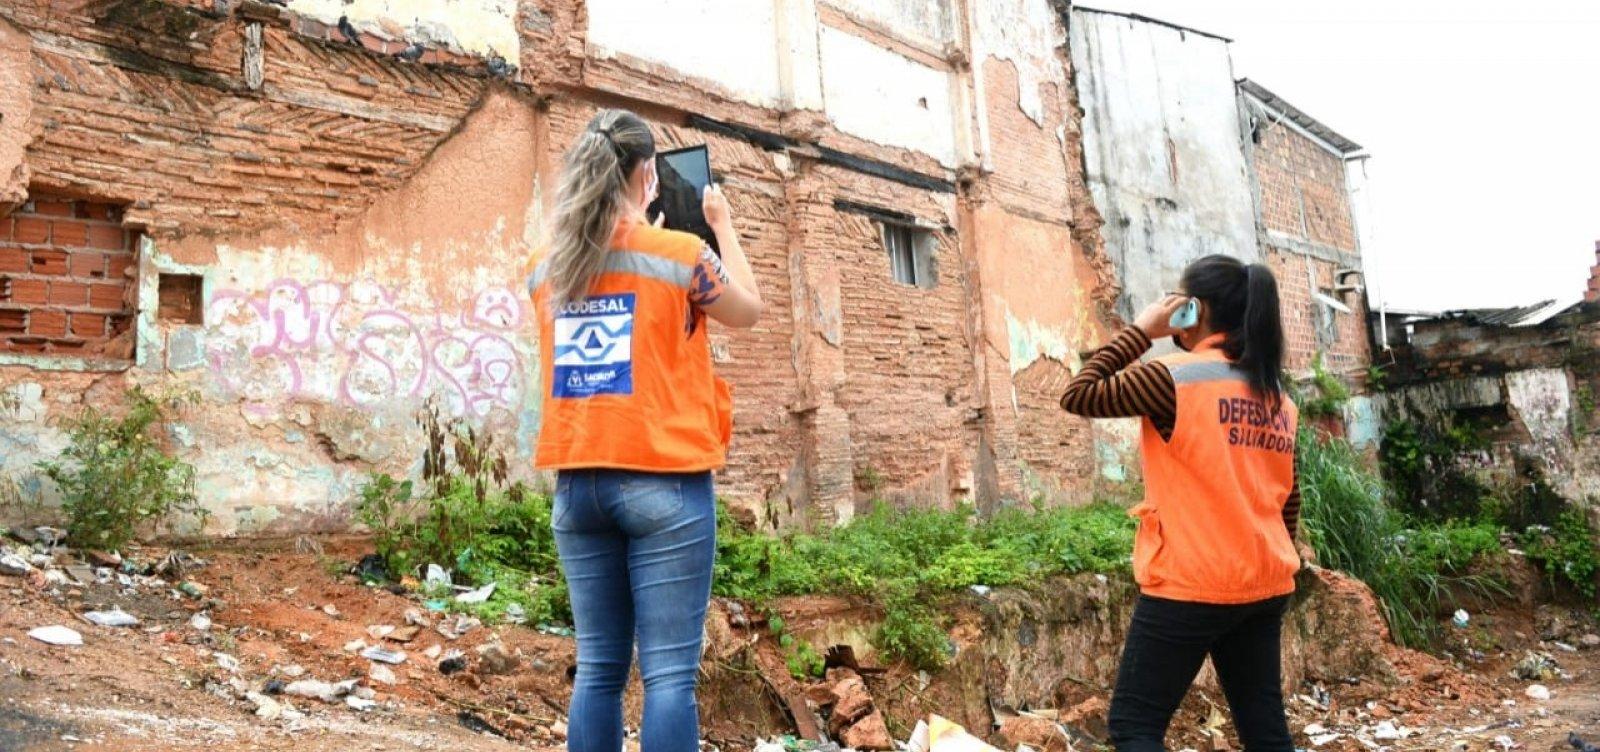 Dia chuvoso faz disparar número de ocorrências em Salvador